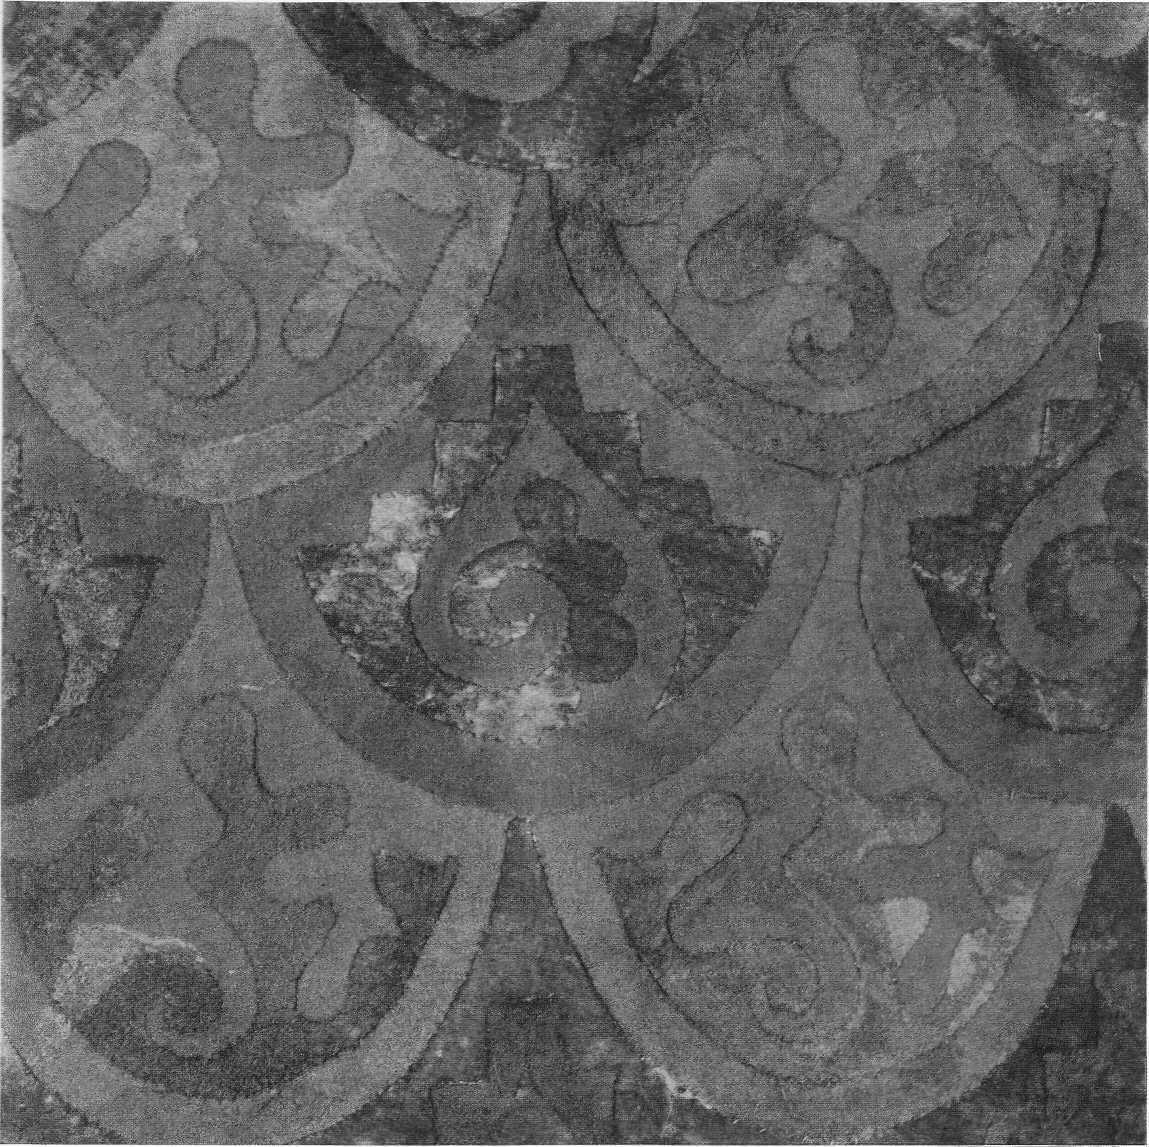 306. Орнамент — войлочный чепрак. Пазырык, первый курган.